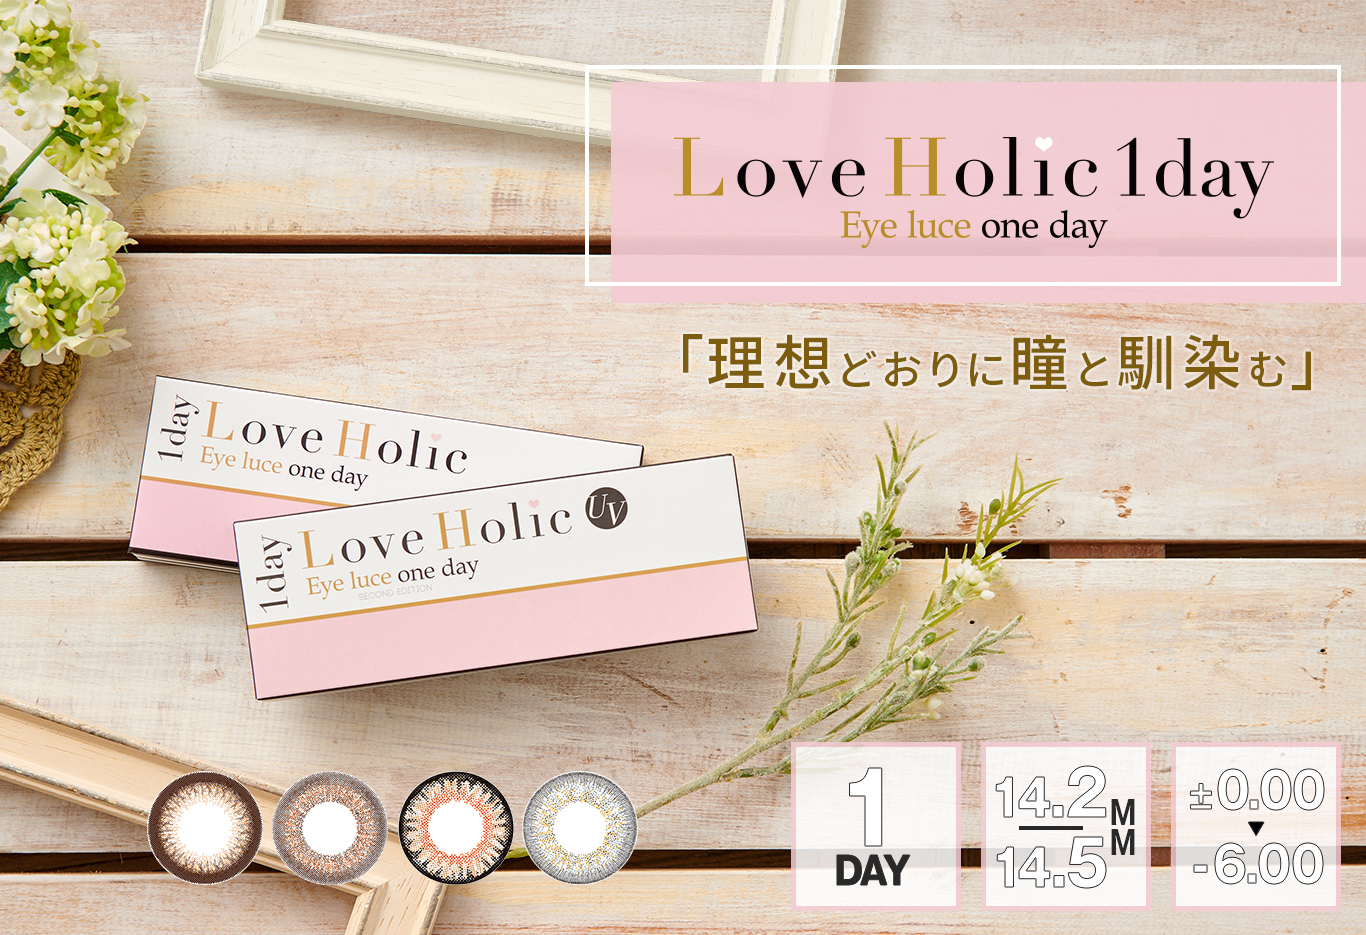 Love Holic 1day -ラブホリックワンデー | Love Holic 1day Eye luce one day 「理想どおりに瞳と馴染む」 1DAY 14.2/14.5MM ±0.00~-6.00